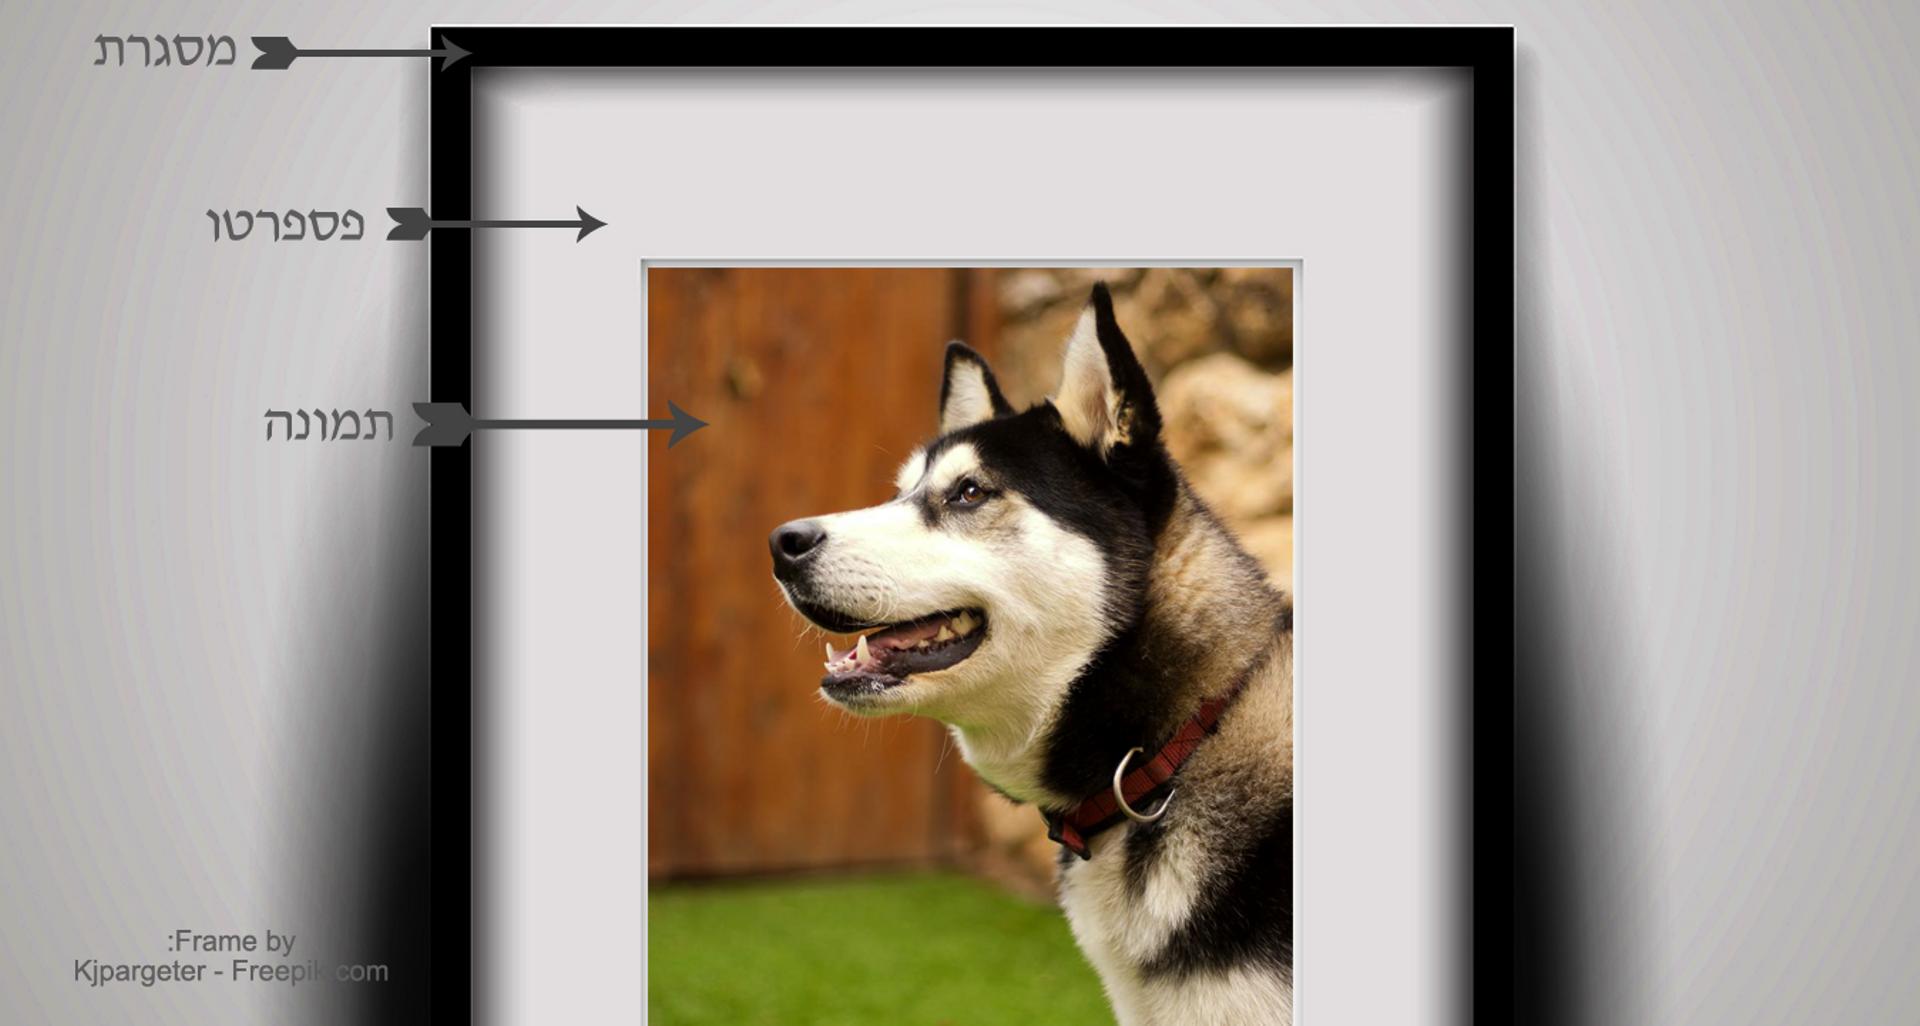 =מסגרת תמונה איכותית דגם FR9268, כולל הדפסת תמונה.